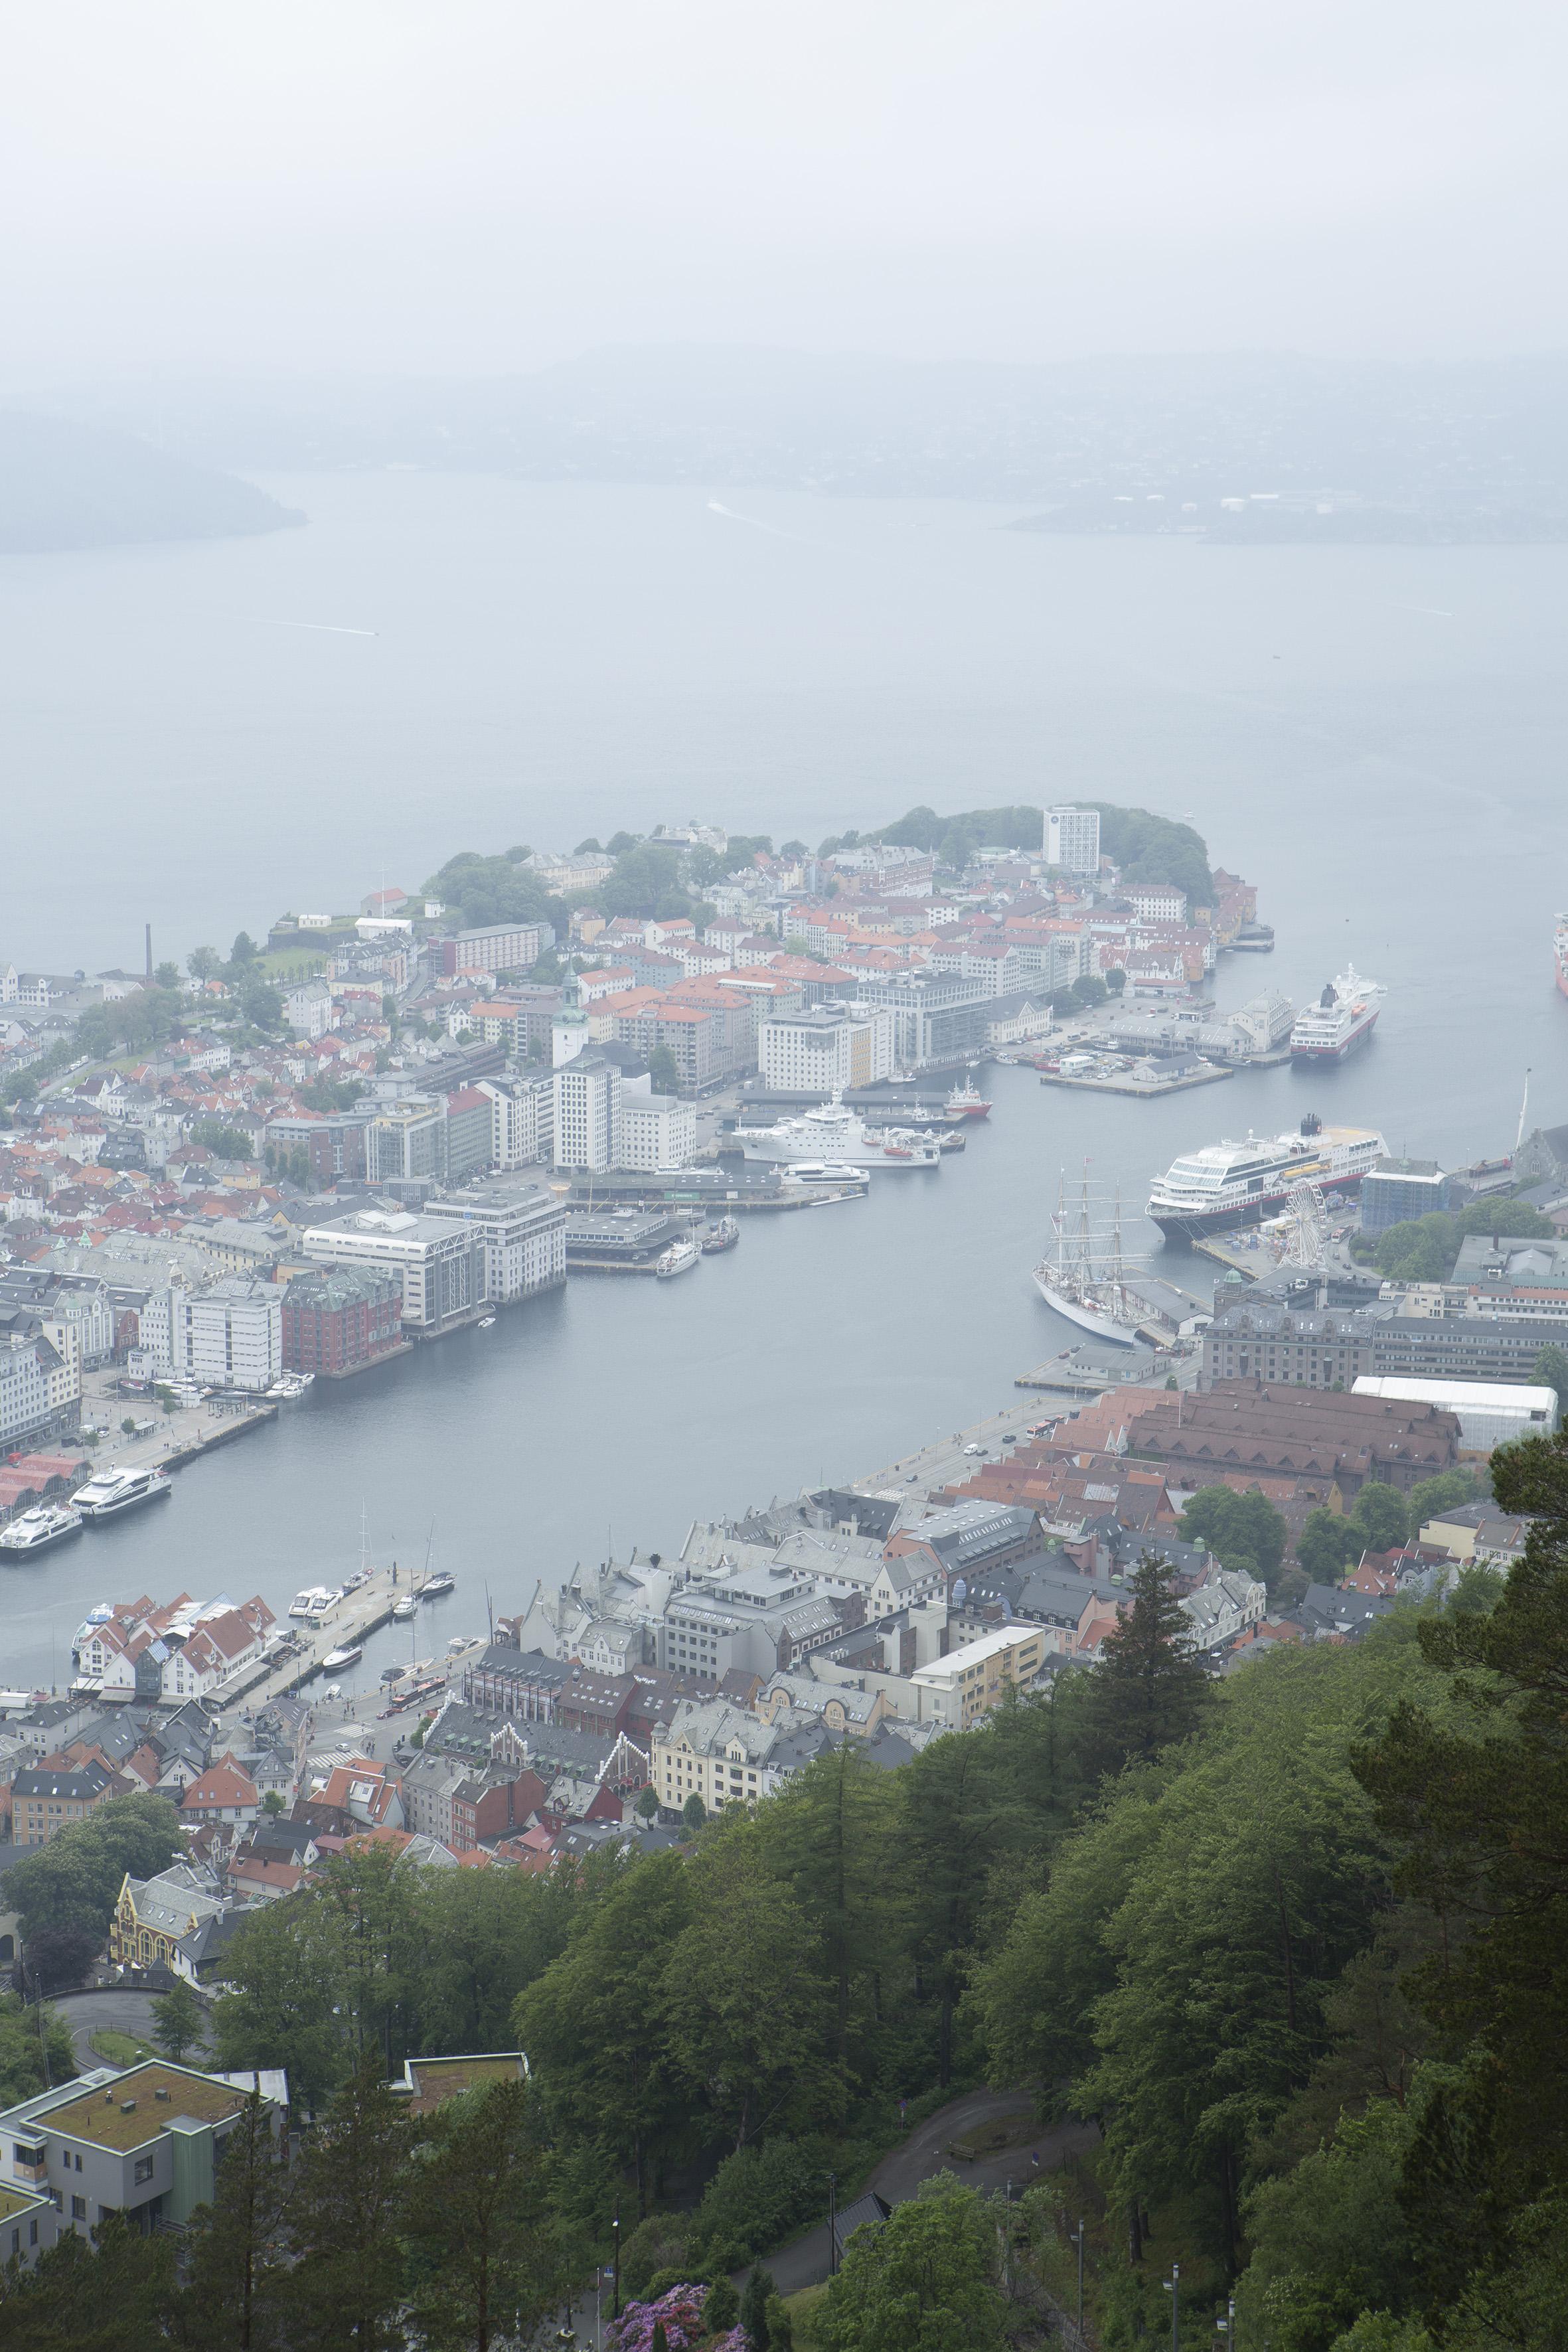 Stadtzentrum von Bergen vom Berg Fløyen aus gesehen. Foto: Giulia Mangione